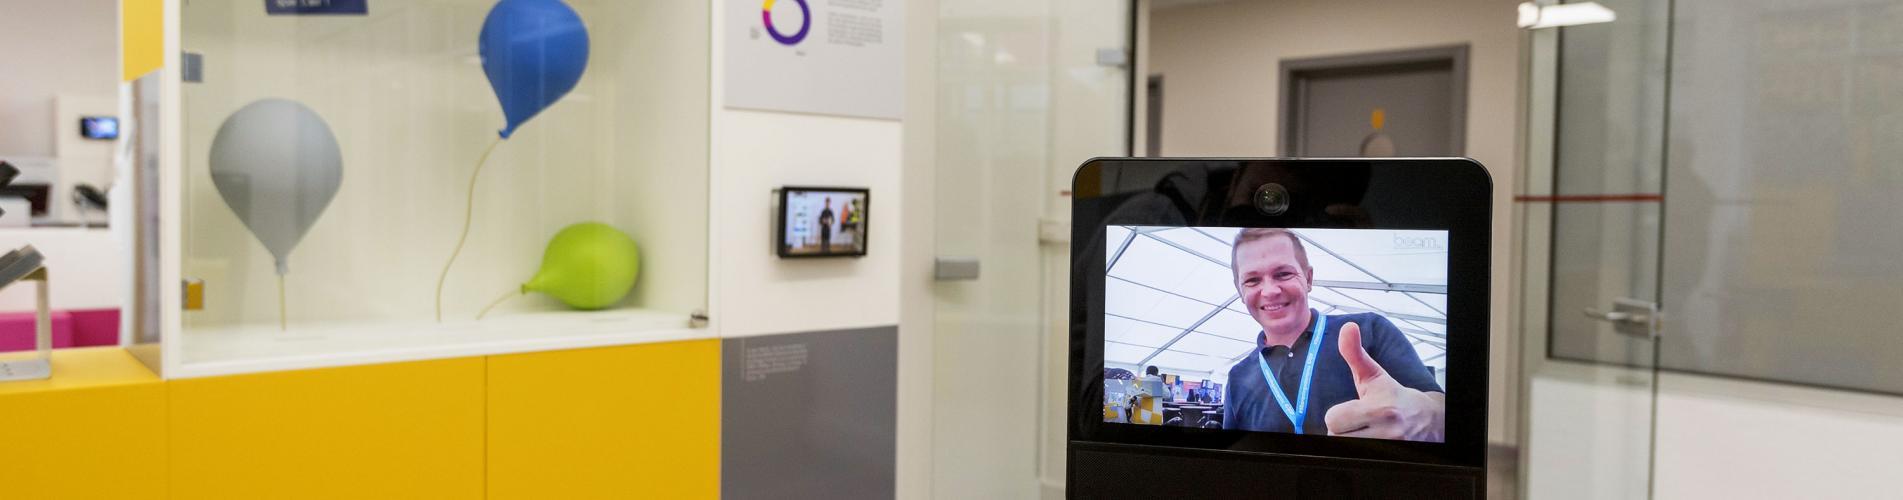 Le showroom du professionnalisme gazier, un nouvel espace pédagogique